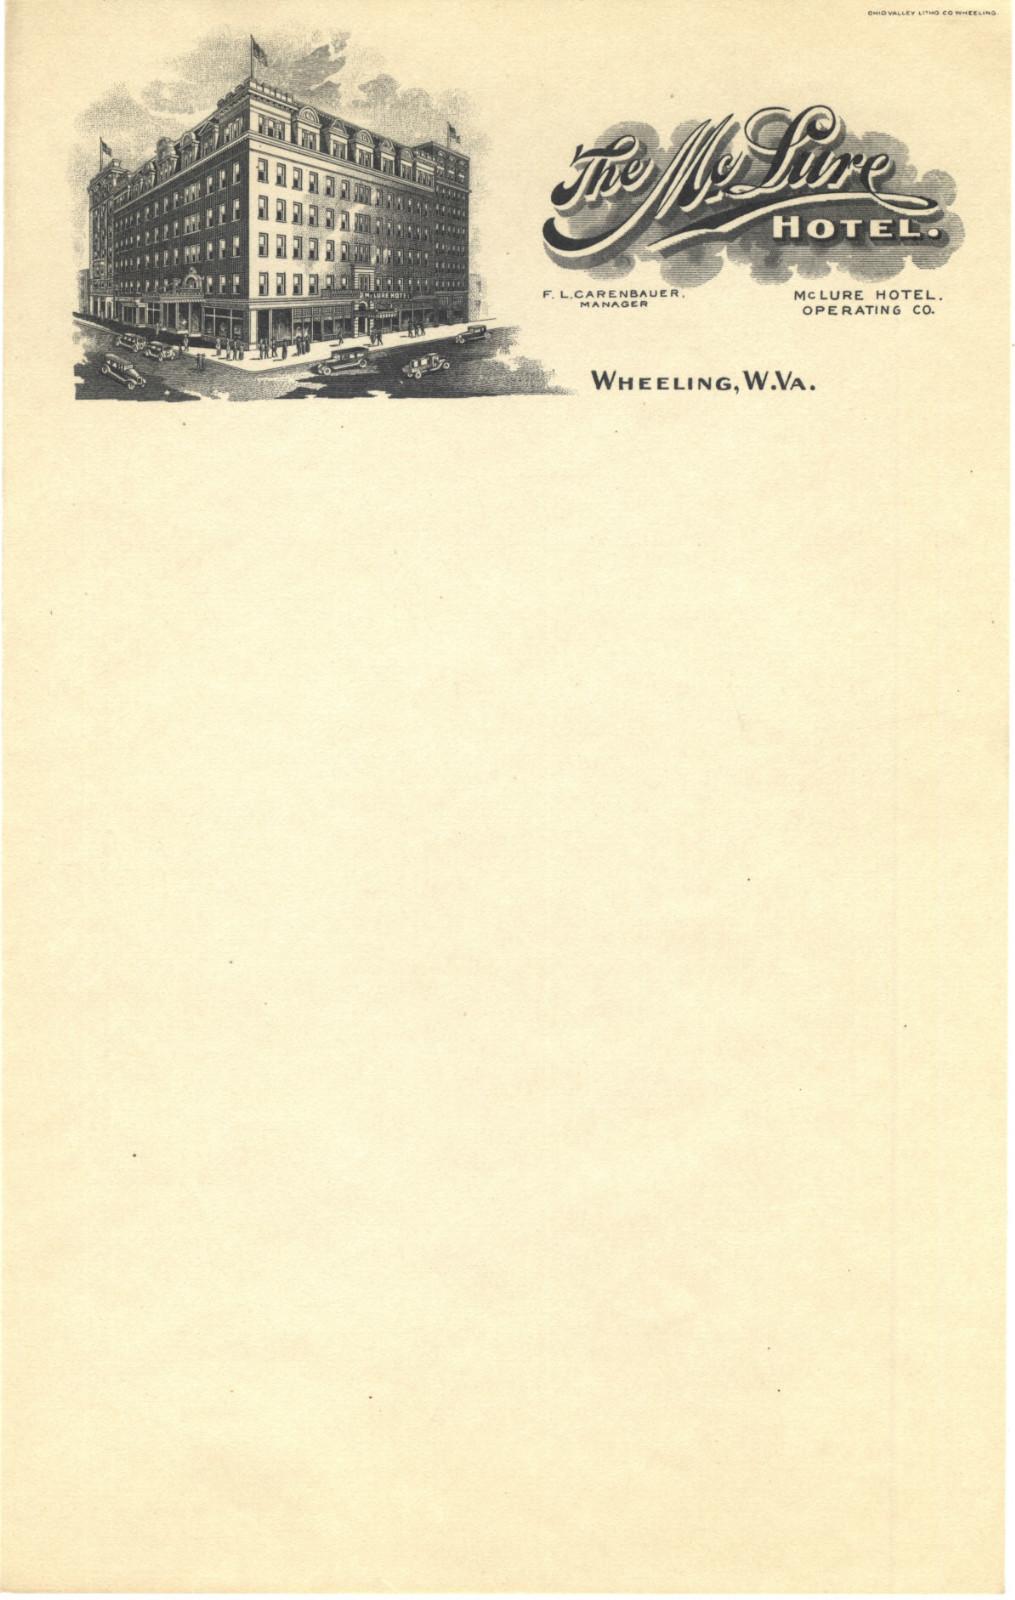 McLure Hotel vintage letterhead